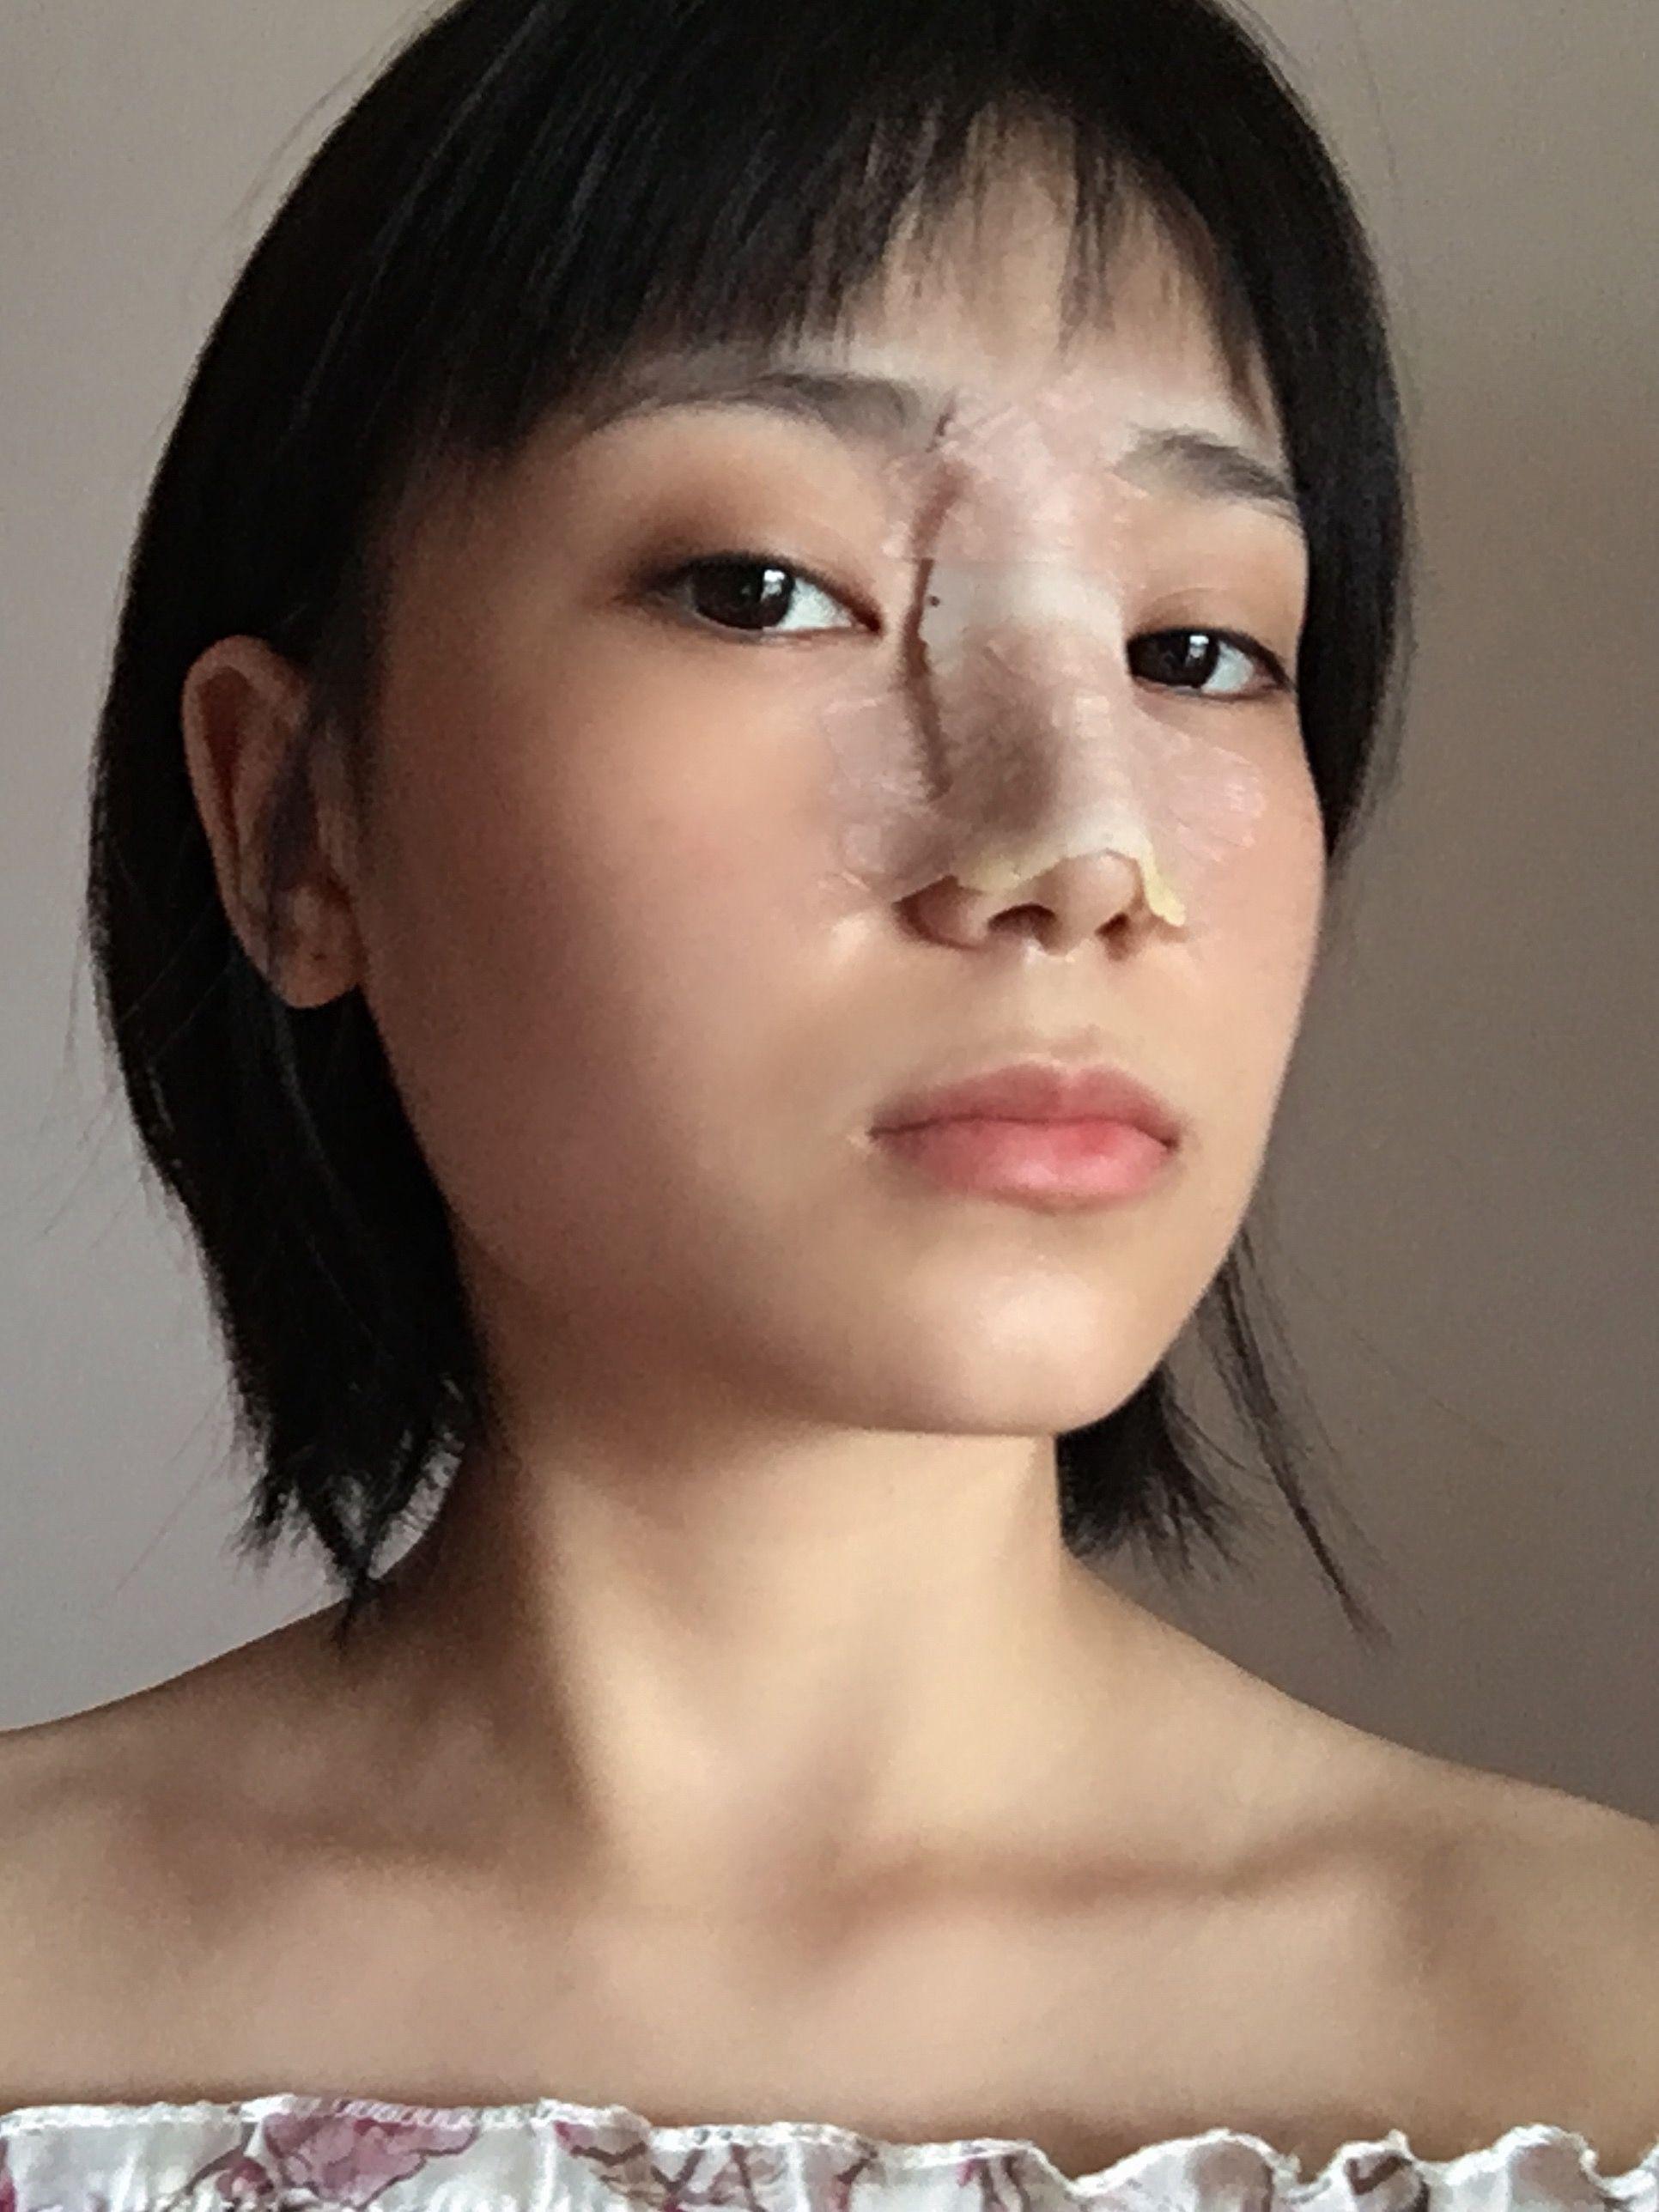 今天是第三天啊,对比术前变化还是挺大的。看看术前的自己庆幸自己做了正确的决定。看到术前的照片,我自己都不忍直视了,我的鼻子之前真的很宽,而且鼻头真的很钝啊,整个面部看起来一点都不精致,鼻子宽真的很显脸大啊,怎么化妆都觉得不立体的啊,看我起来整个人low的很。看到术后的自己现在真的美了好多。话不多说,上图